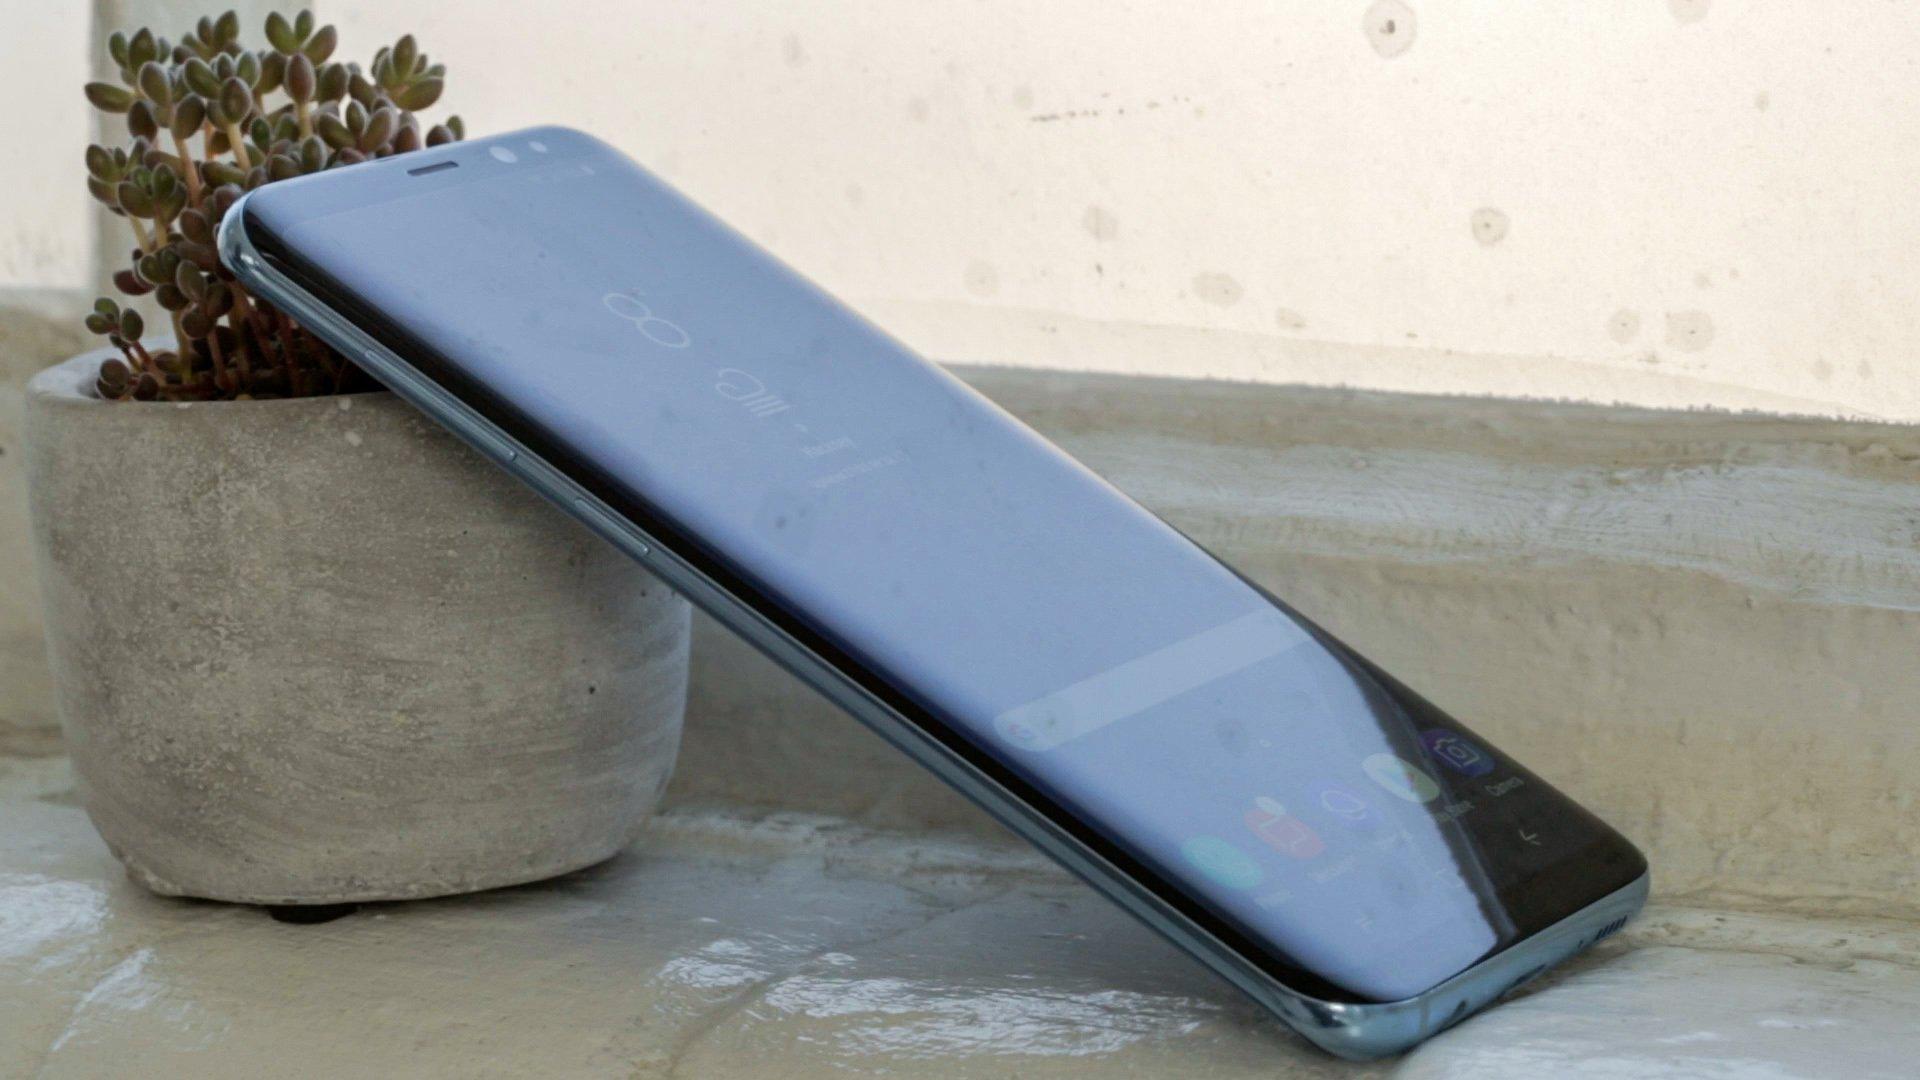 Samsung Galaxy S8 und Galaxy S7 im Vergleich: Kann das Tolle das Olle übertrumpfen?